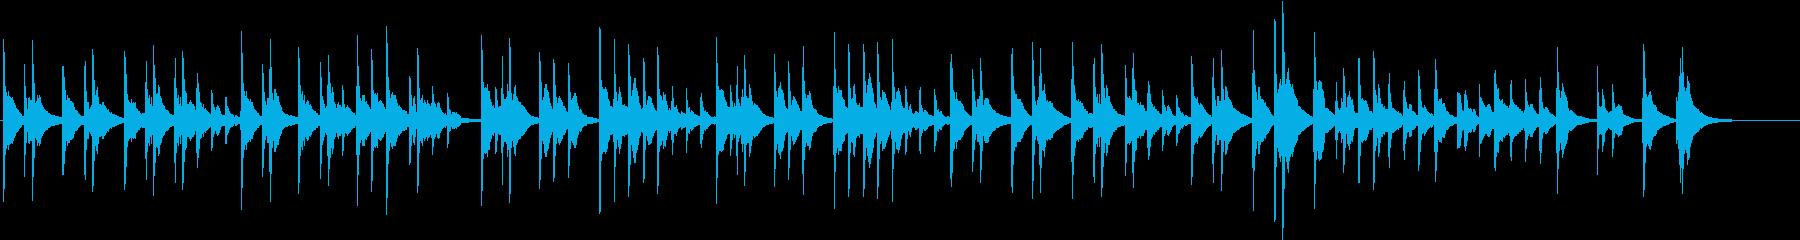 交響曲第9番第2楽章 家路 オルゴールの再生済みの波形